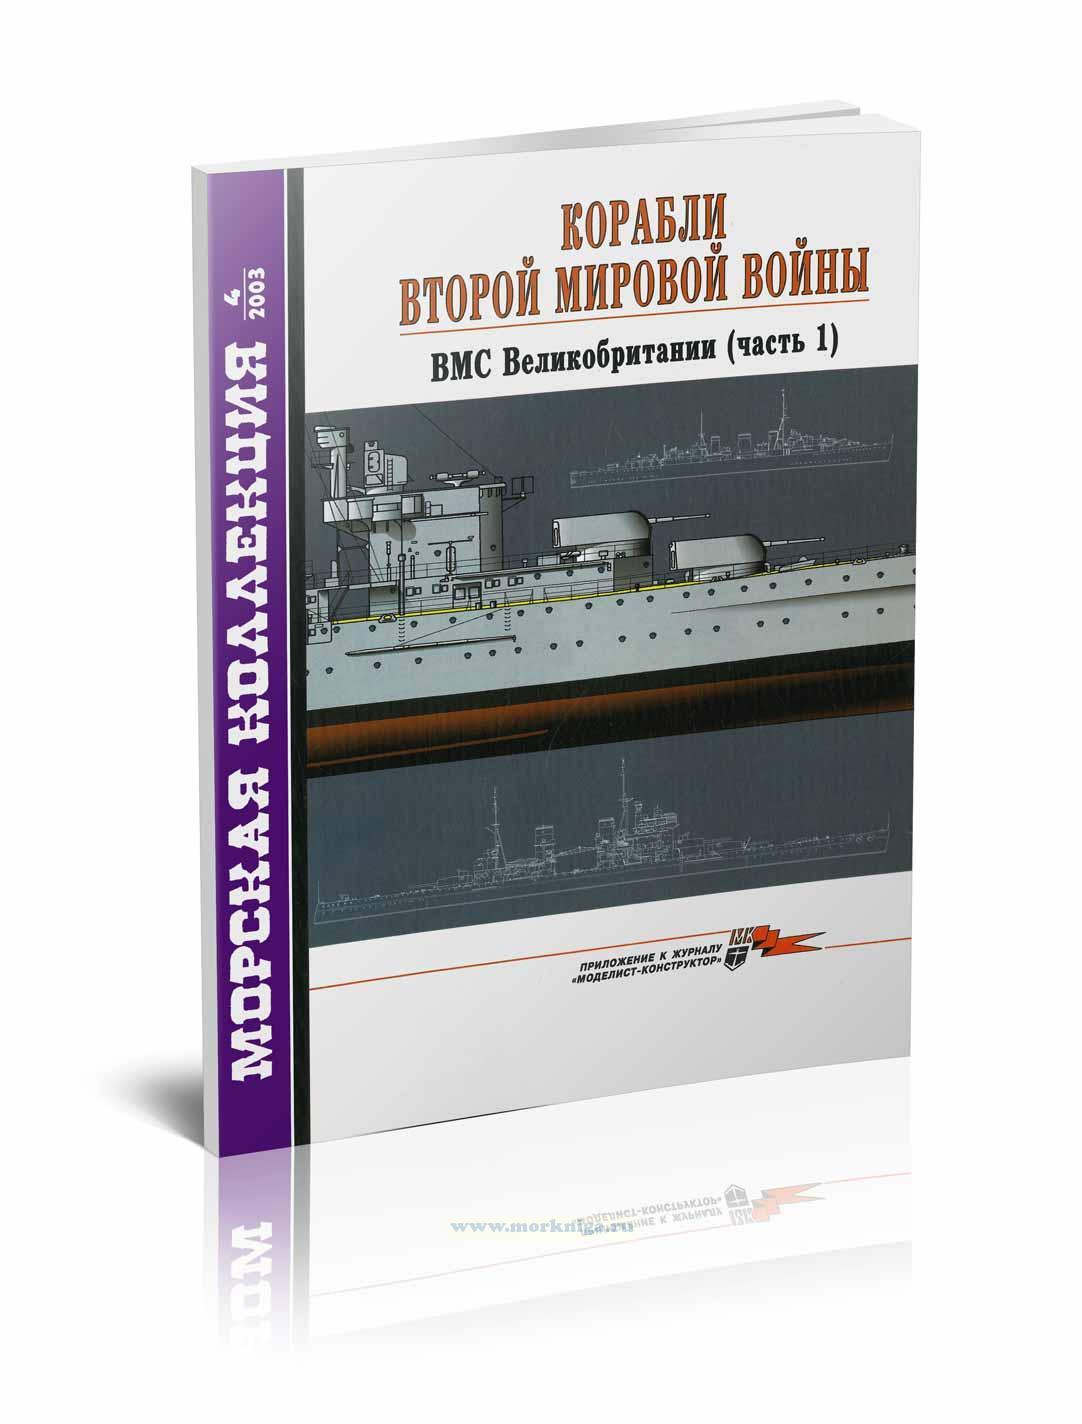 Корабли Второй мировой войны. ВМС Великобритании (часть 1). Морская коллекция №4 (2003)